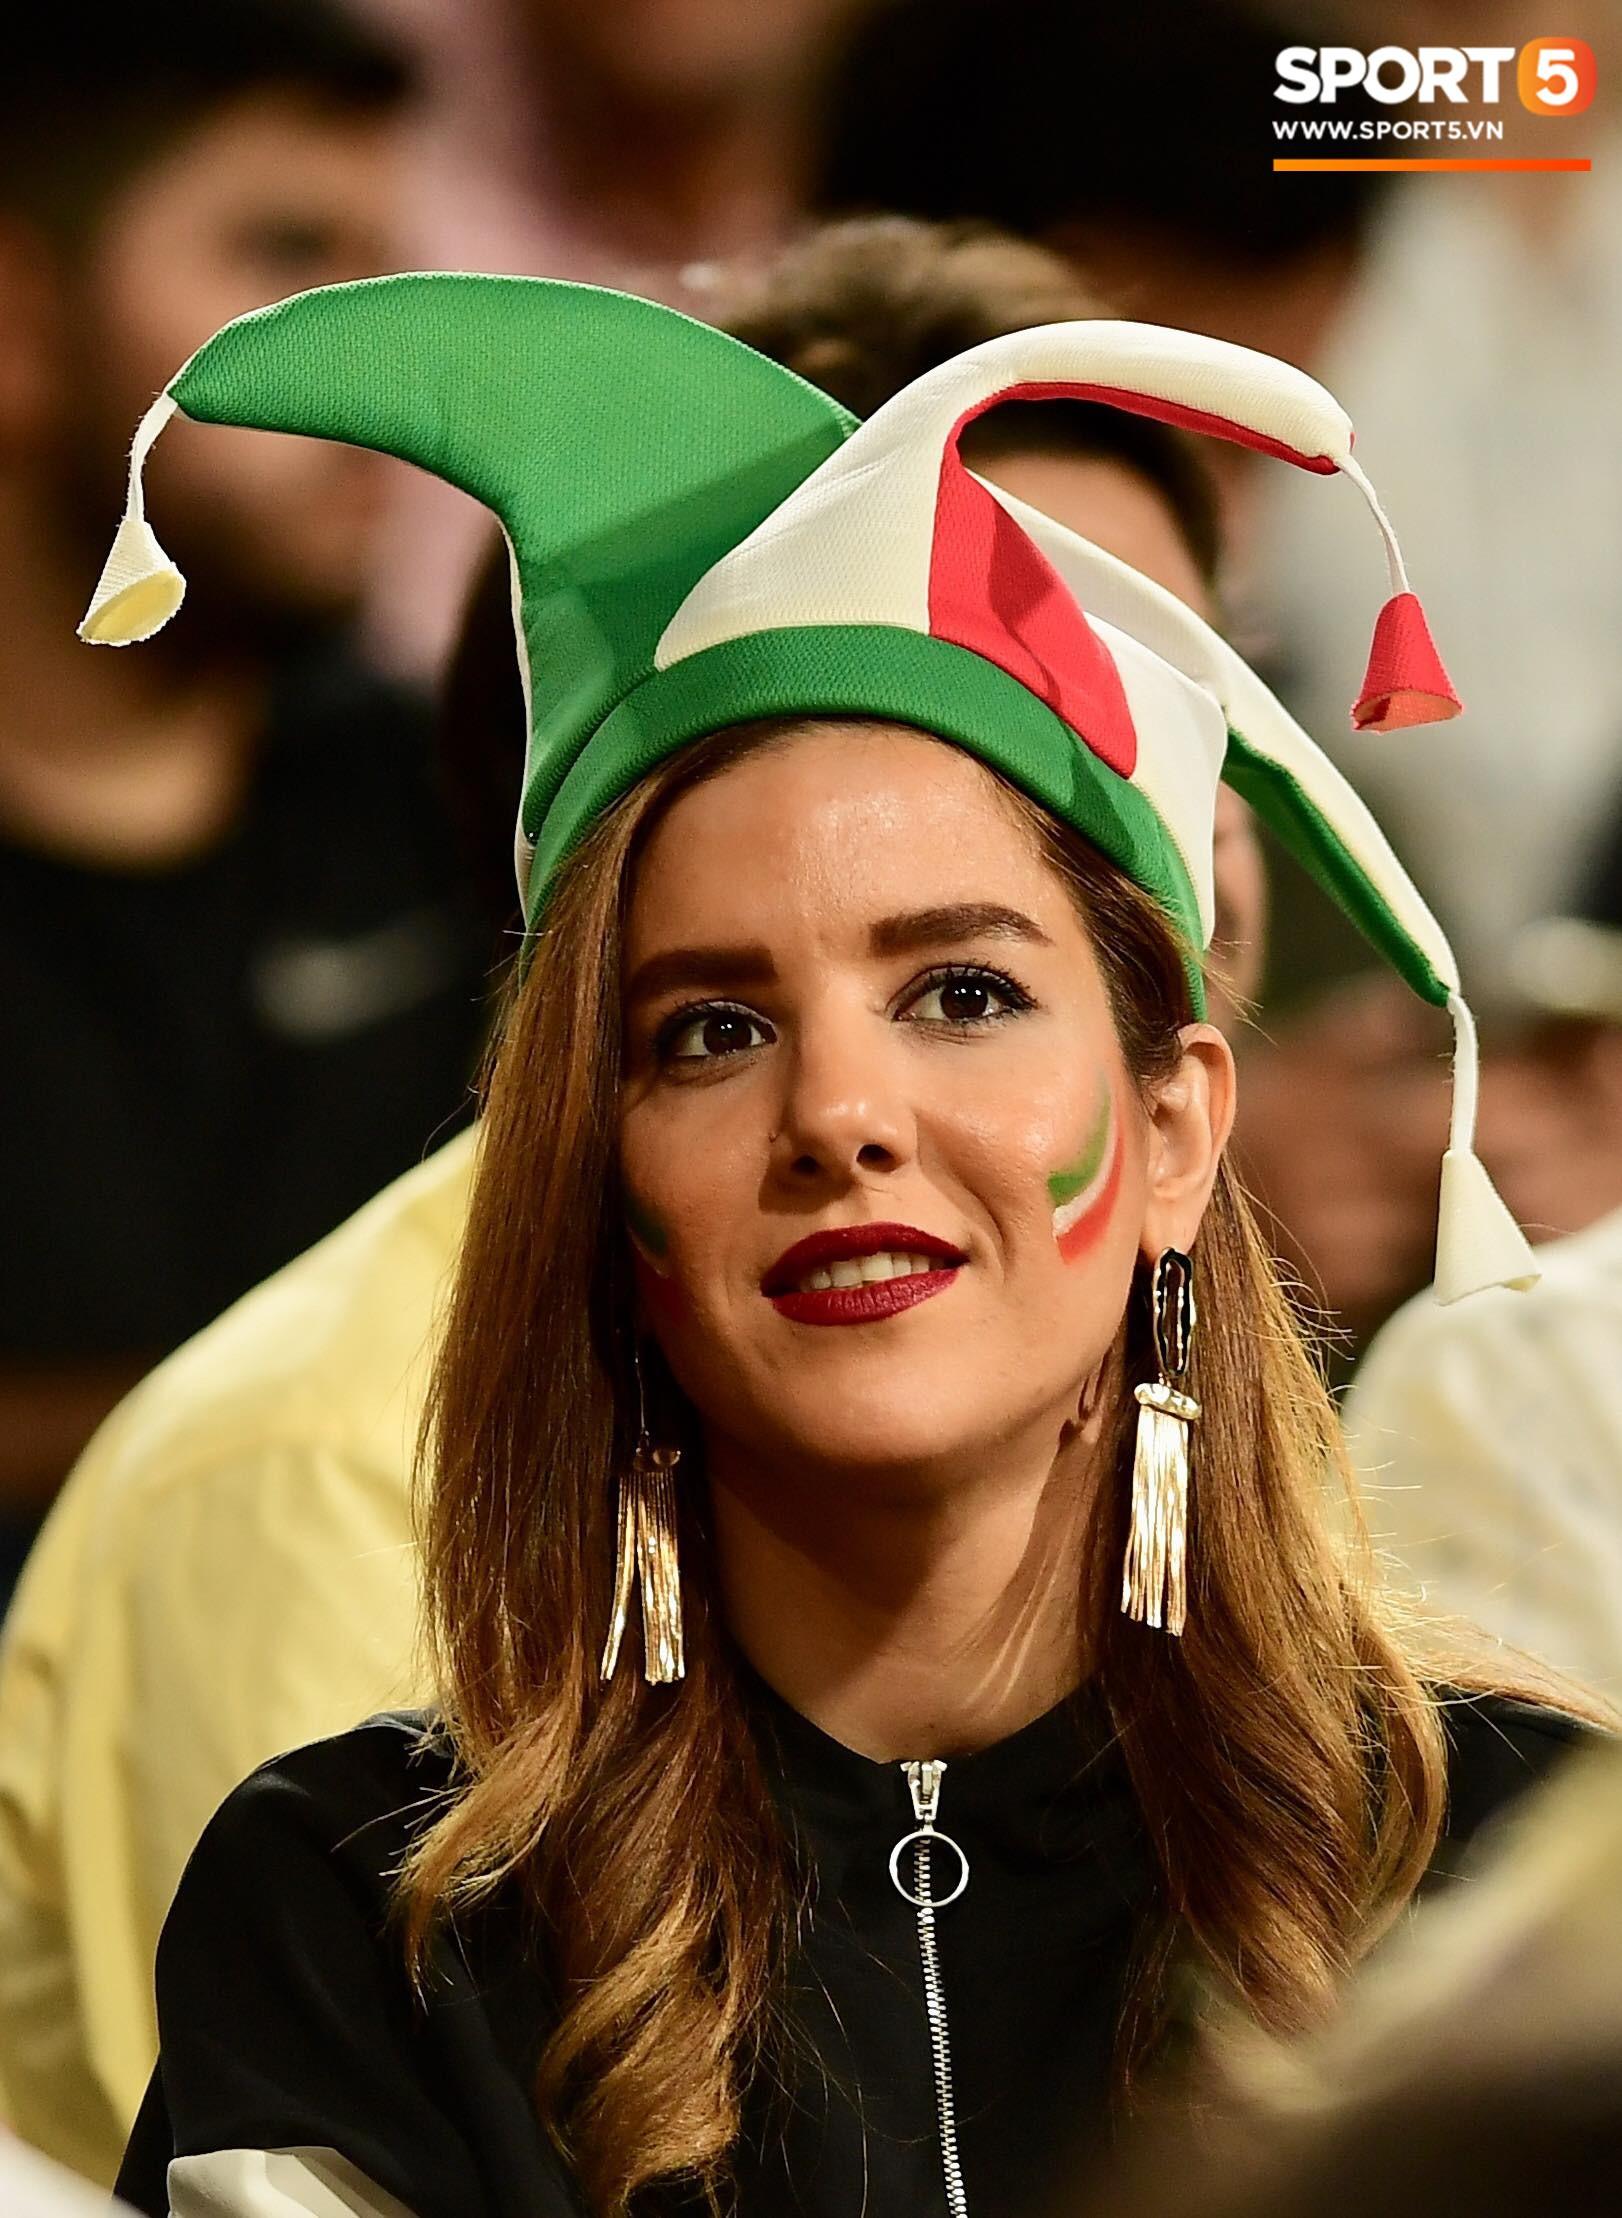 Ngất ngây với vẻ đẹp của fangirl Iran trong ngày đội nhà giành chiến thắng đậm trước Yemen - Ảnh 6.